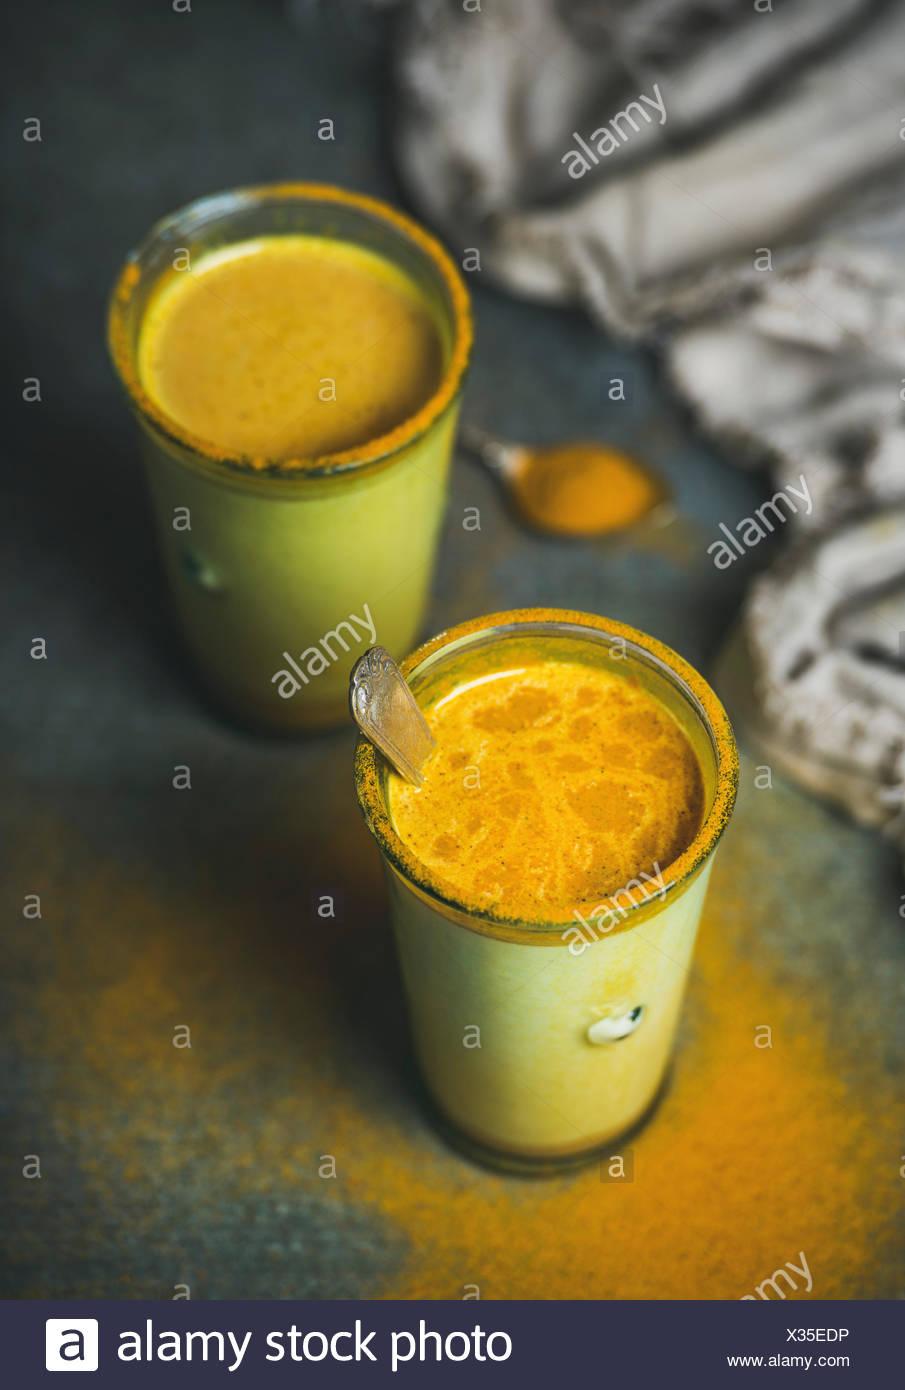 Golden latte con la curcuma in polvere in bicchieri su sfondo scuro. Per la salute e l'energia aumentando, influenza rimedio naturale a freddo drink di combattimento. Pulire mangiare, d Immagini Stock